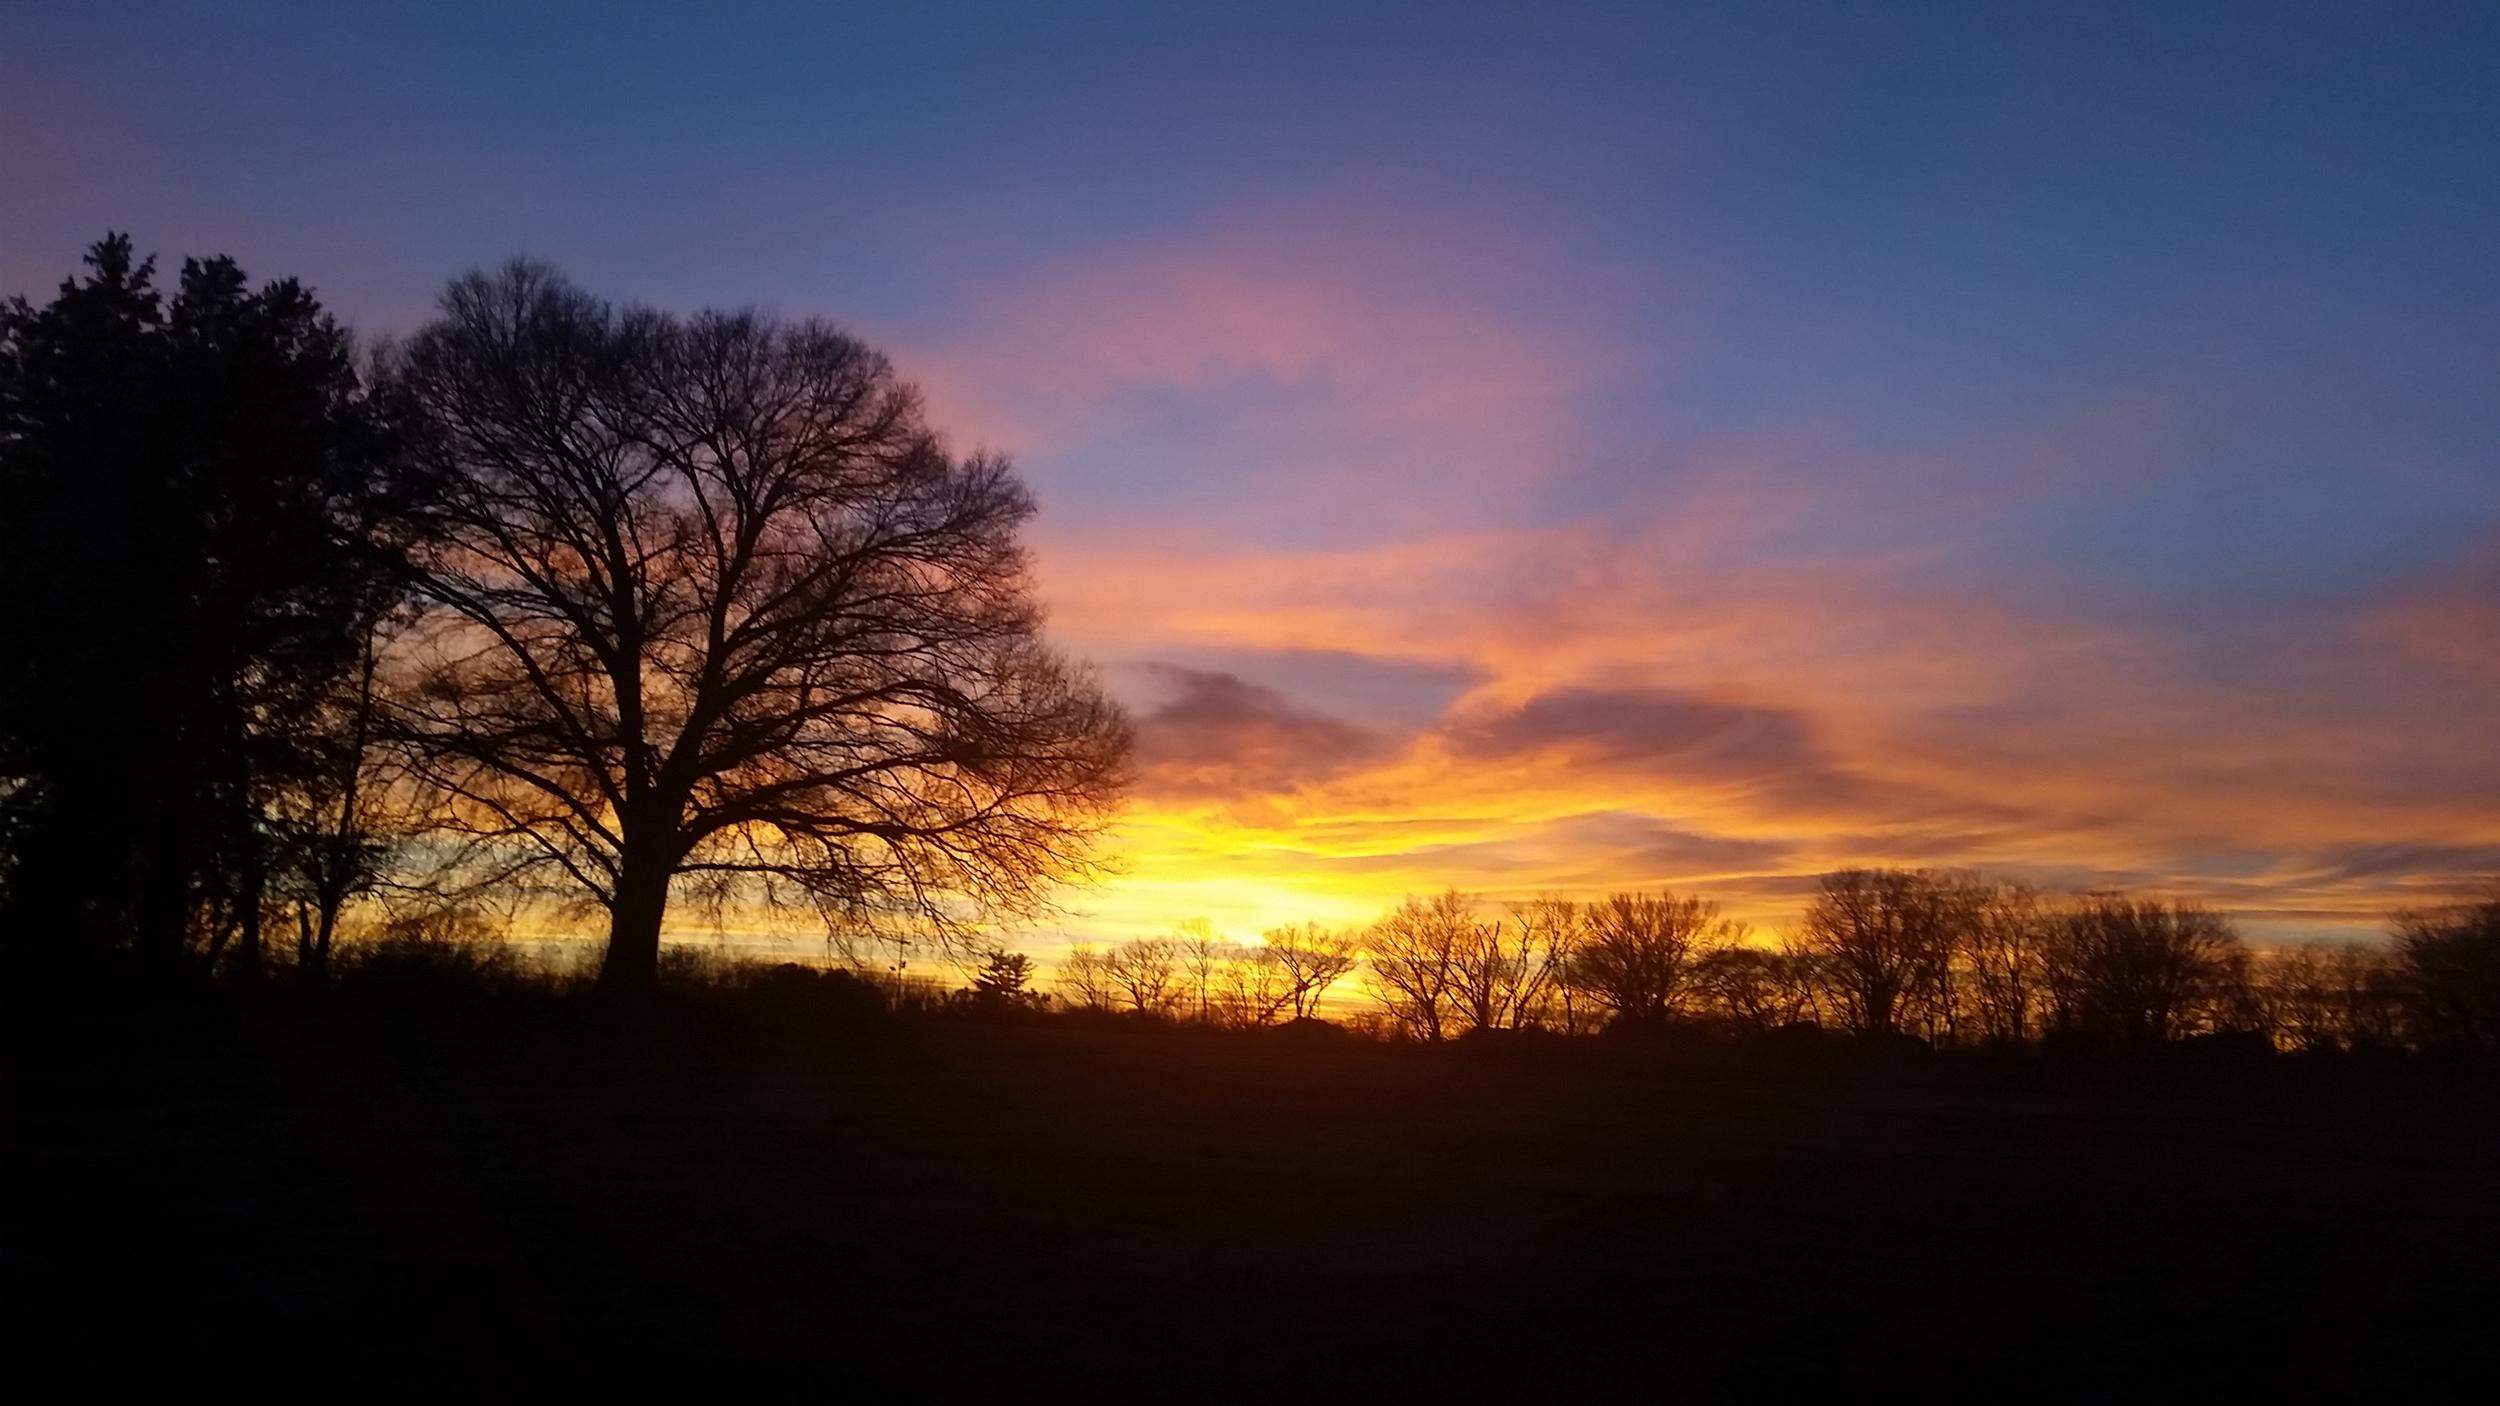 Sunset Murfreesboro, Tennessee